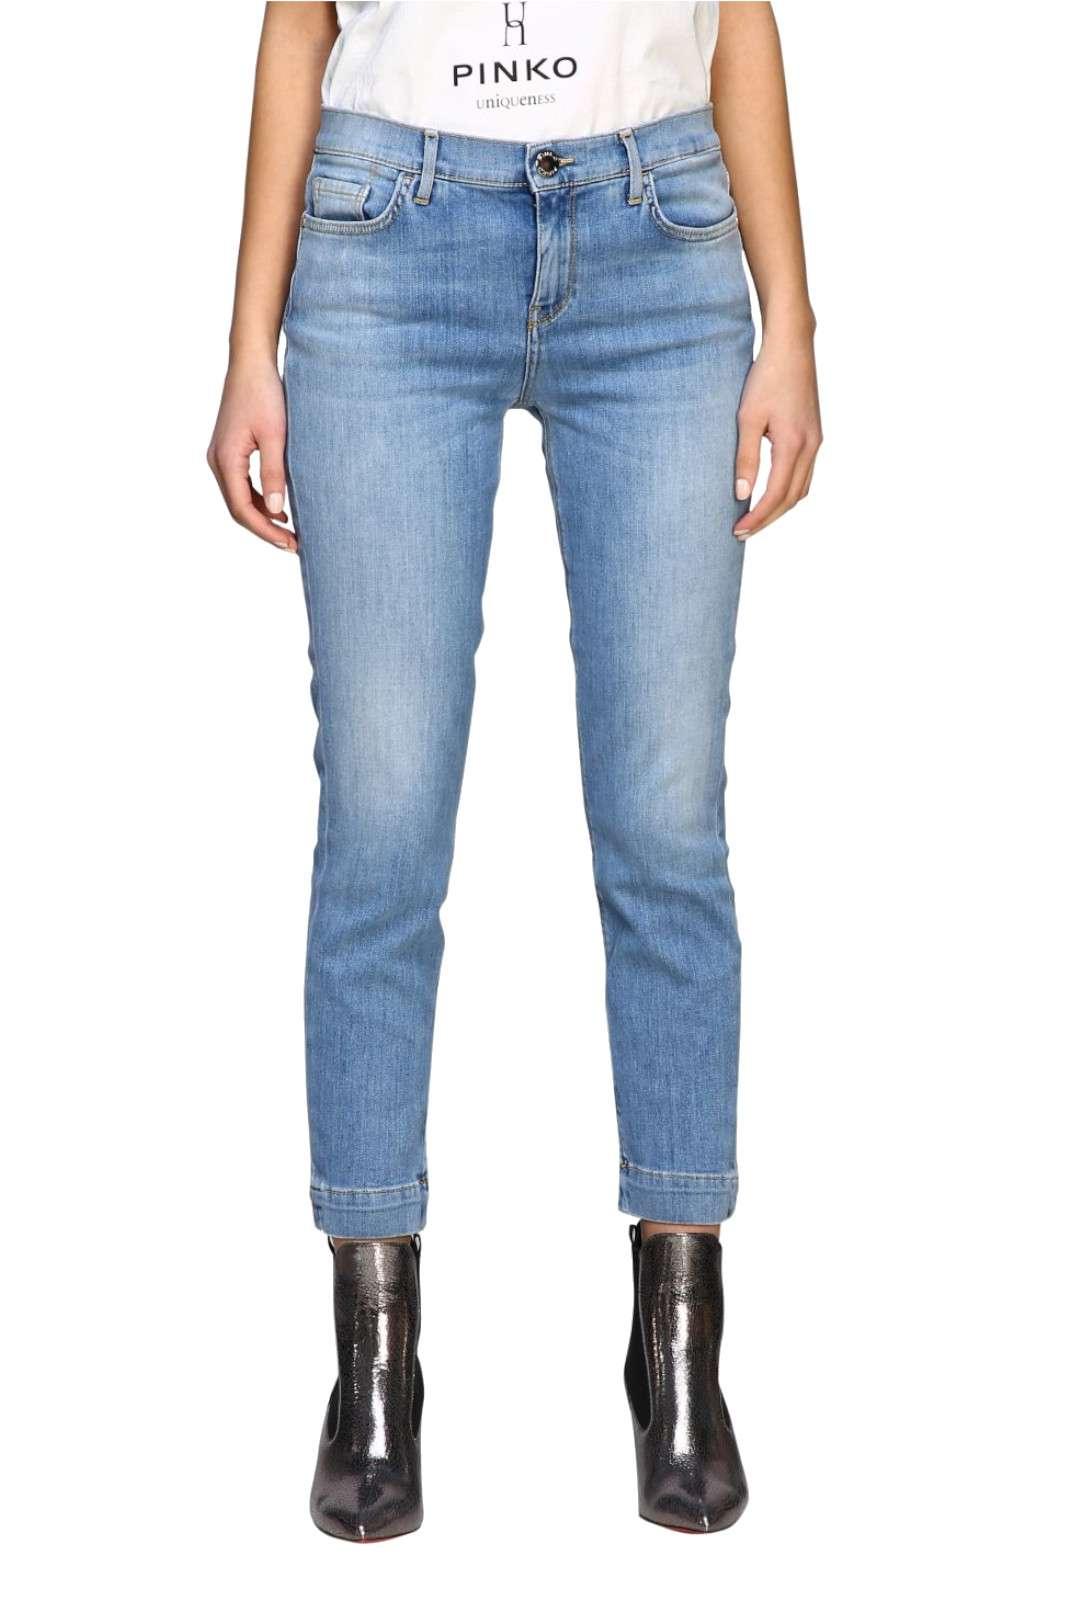 Un jeans semplice e comodo, quello proposto dalla collezione Pinko. Un modello da abbinare ai look fashion, si può proporre sia con cappotto e sneakers che con giubbino di pelle. Il massimo della versatilità per rendere perfetto ogni outfit.